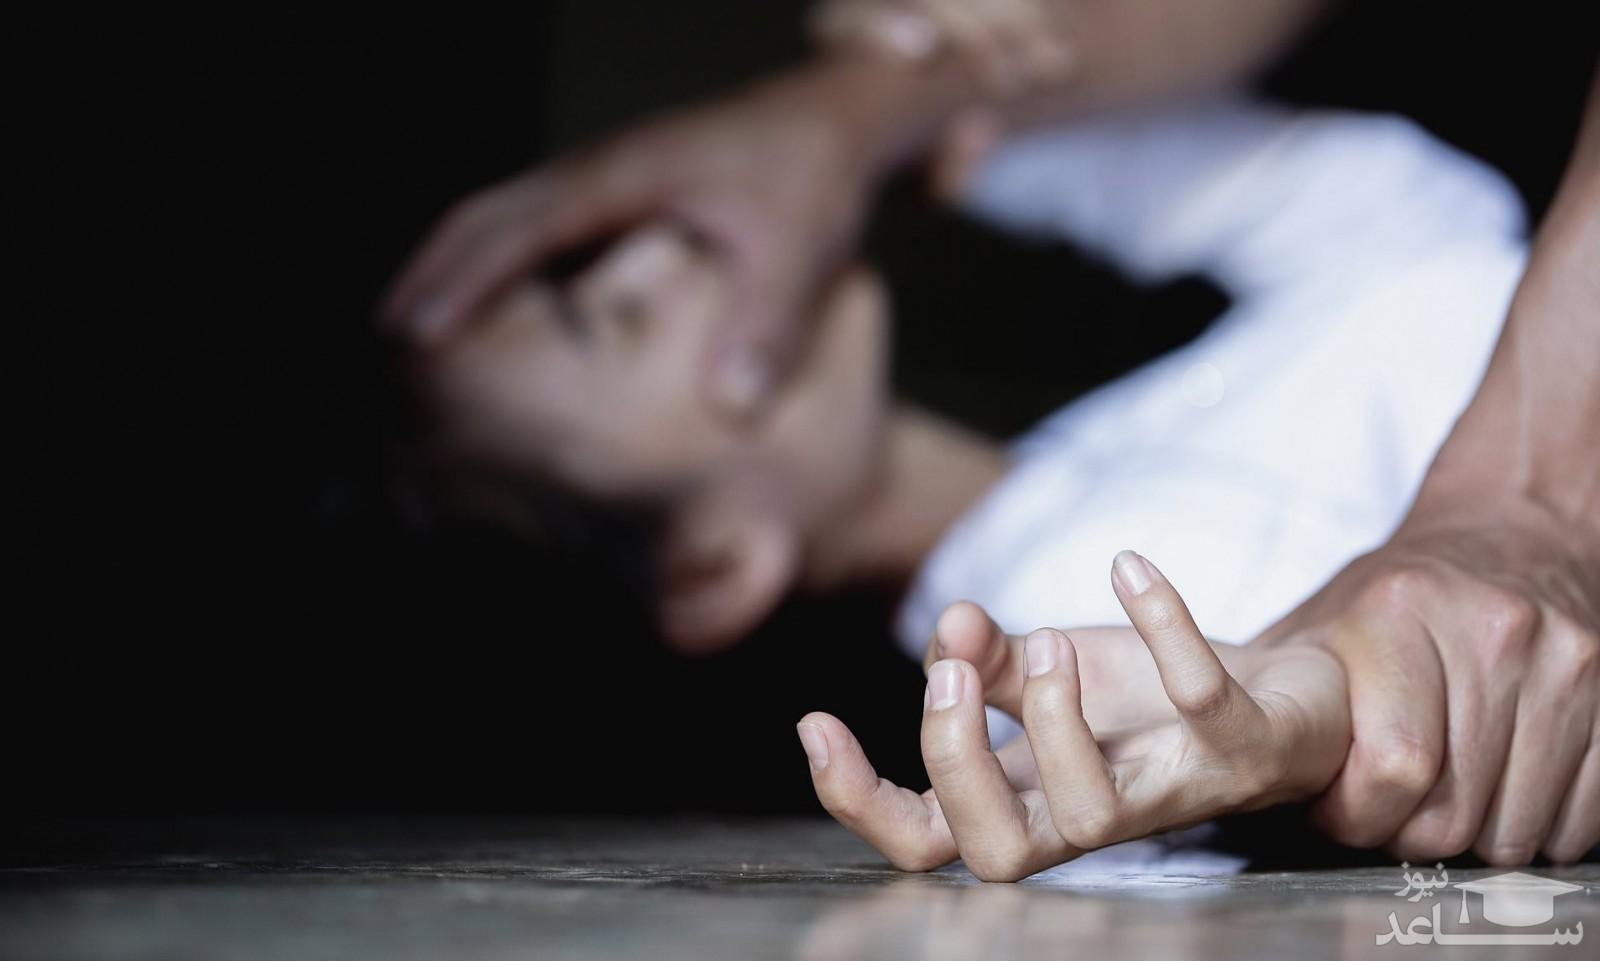 فیلم لحظه تجاوز6 مرد شیطان صفت به دختر جوان